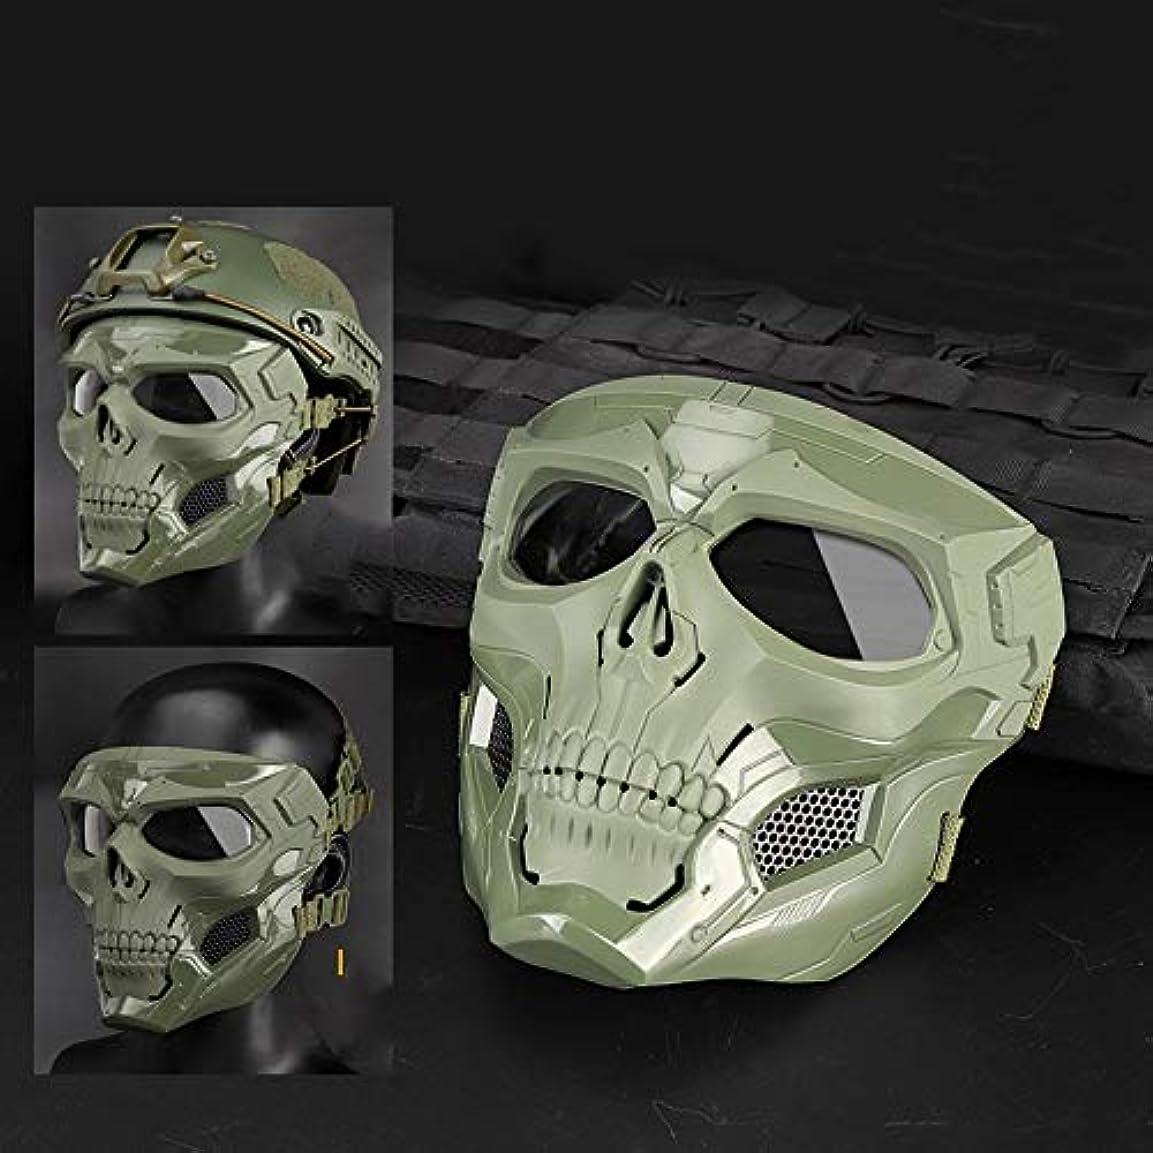 いう正義独占ETH ハロウィンパーティー/ゲームスカル装飾、アクセサリー、活動をマスク 適用されます (色 : Green)